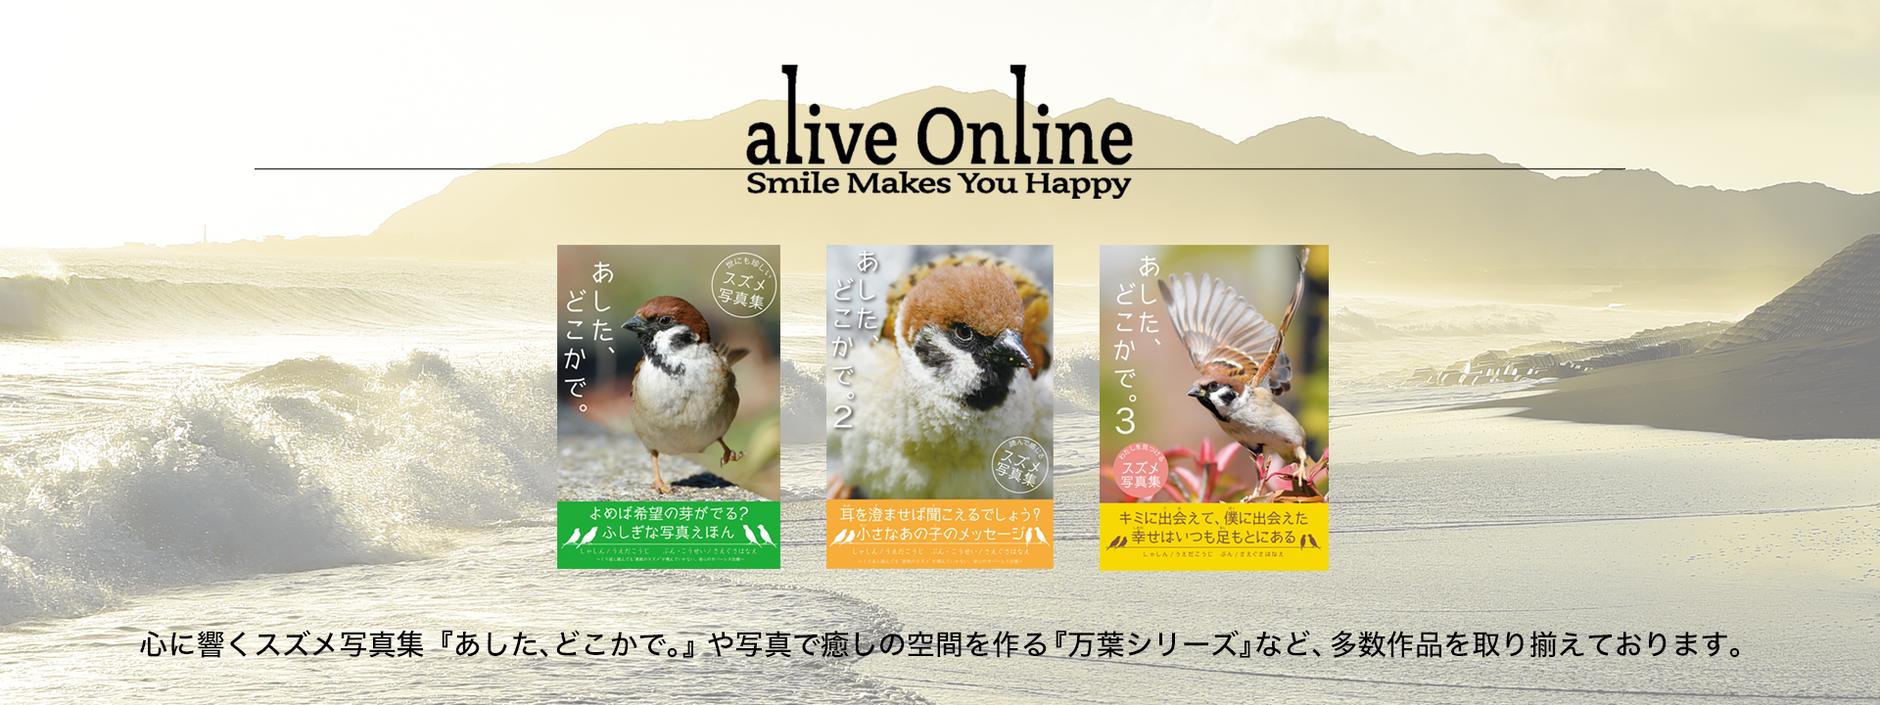 alive Online Shop